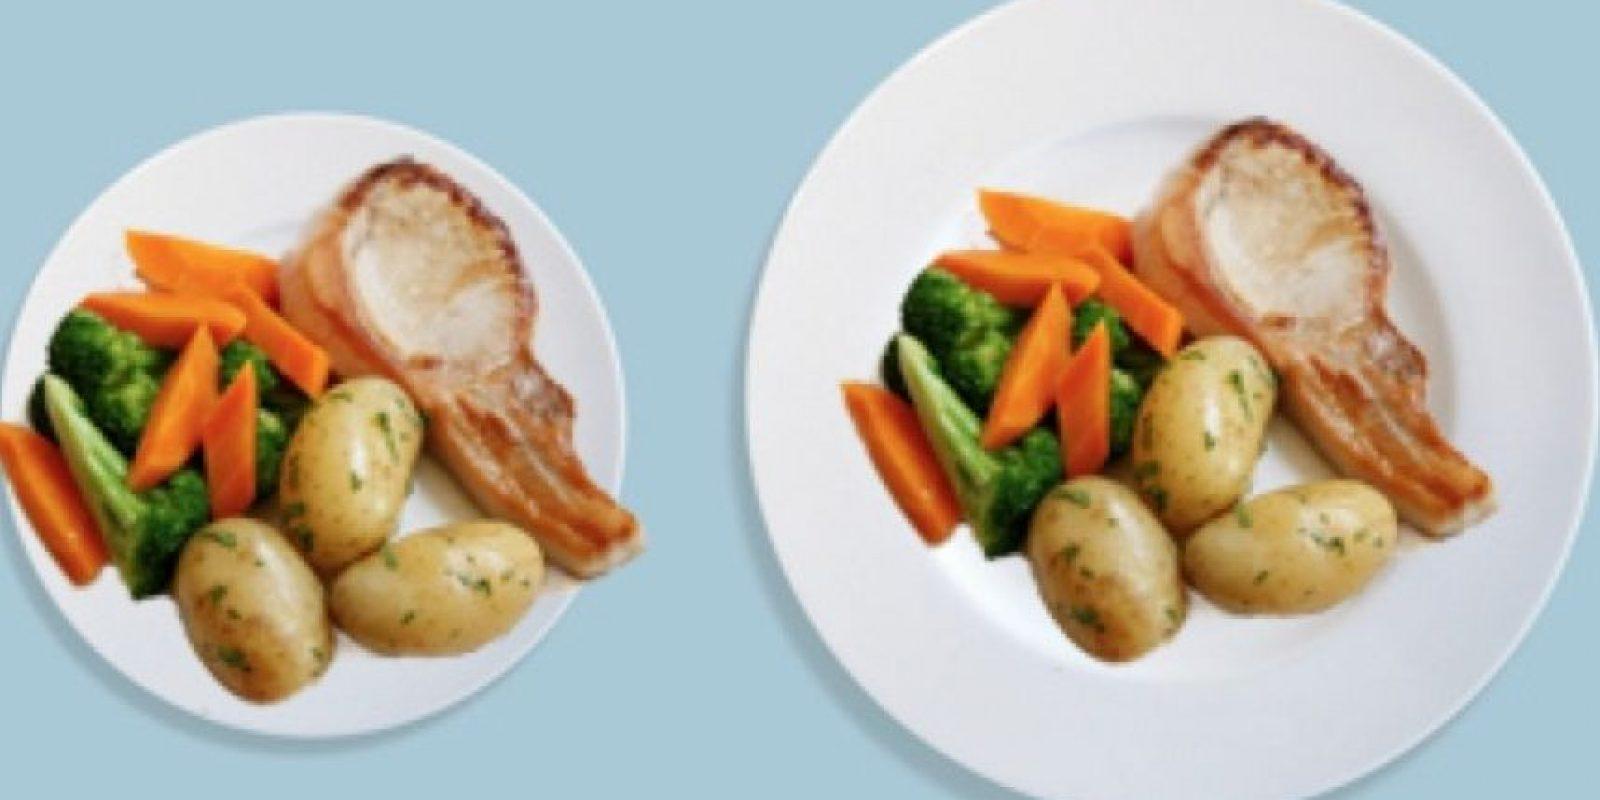 Científicos de la Universidad de Illinois en Estados Unidos confirman la teoría de que cuando se sirve más cantidad en un plato o se escogen porciones más grandes, se tiende a comer más. Foto:Pinterest